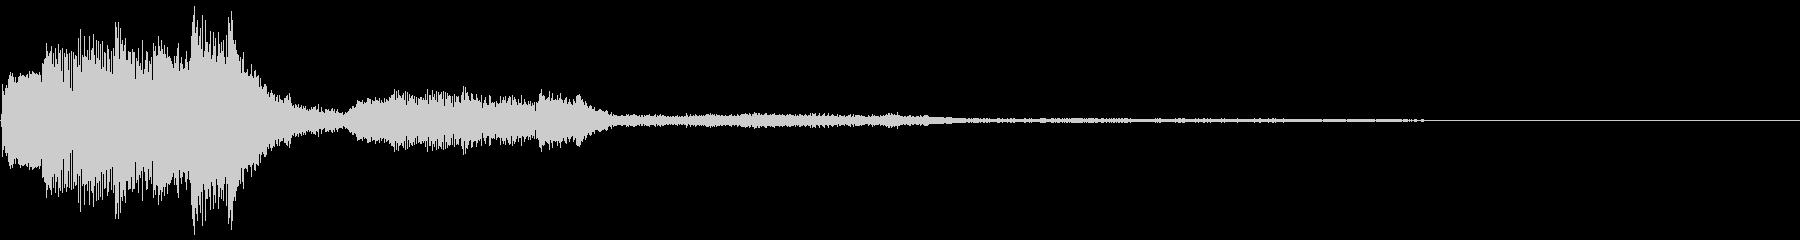 ピアノのサウンドロゴ「純白・光・透明」の未再生の波形